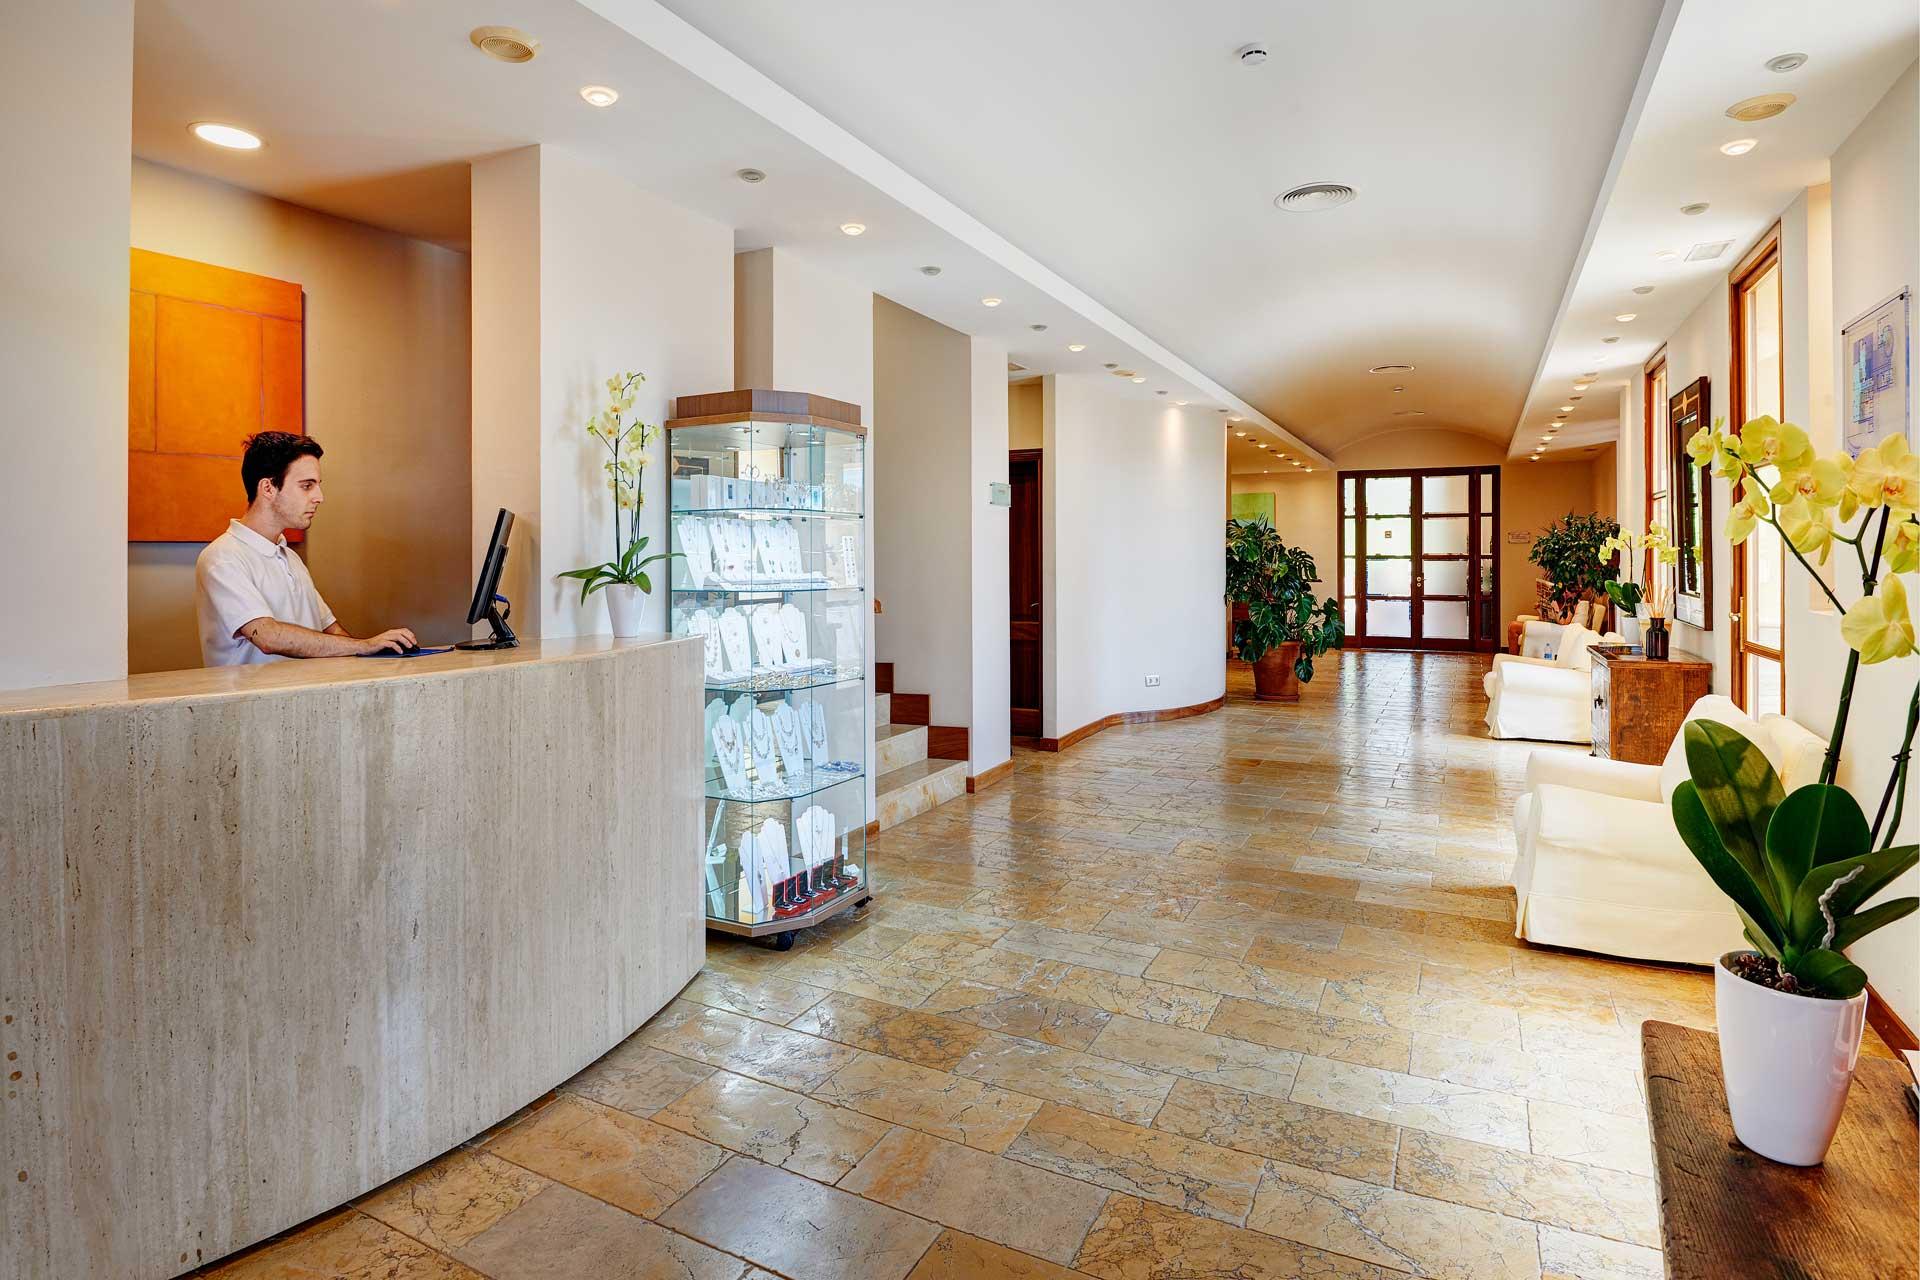 Finca-Hotel Sentido Pula Suites - Reception